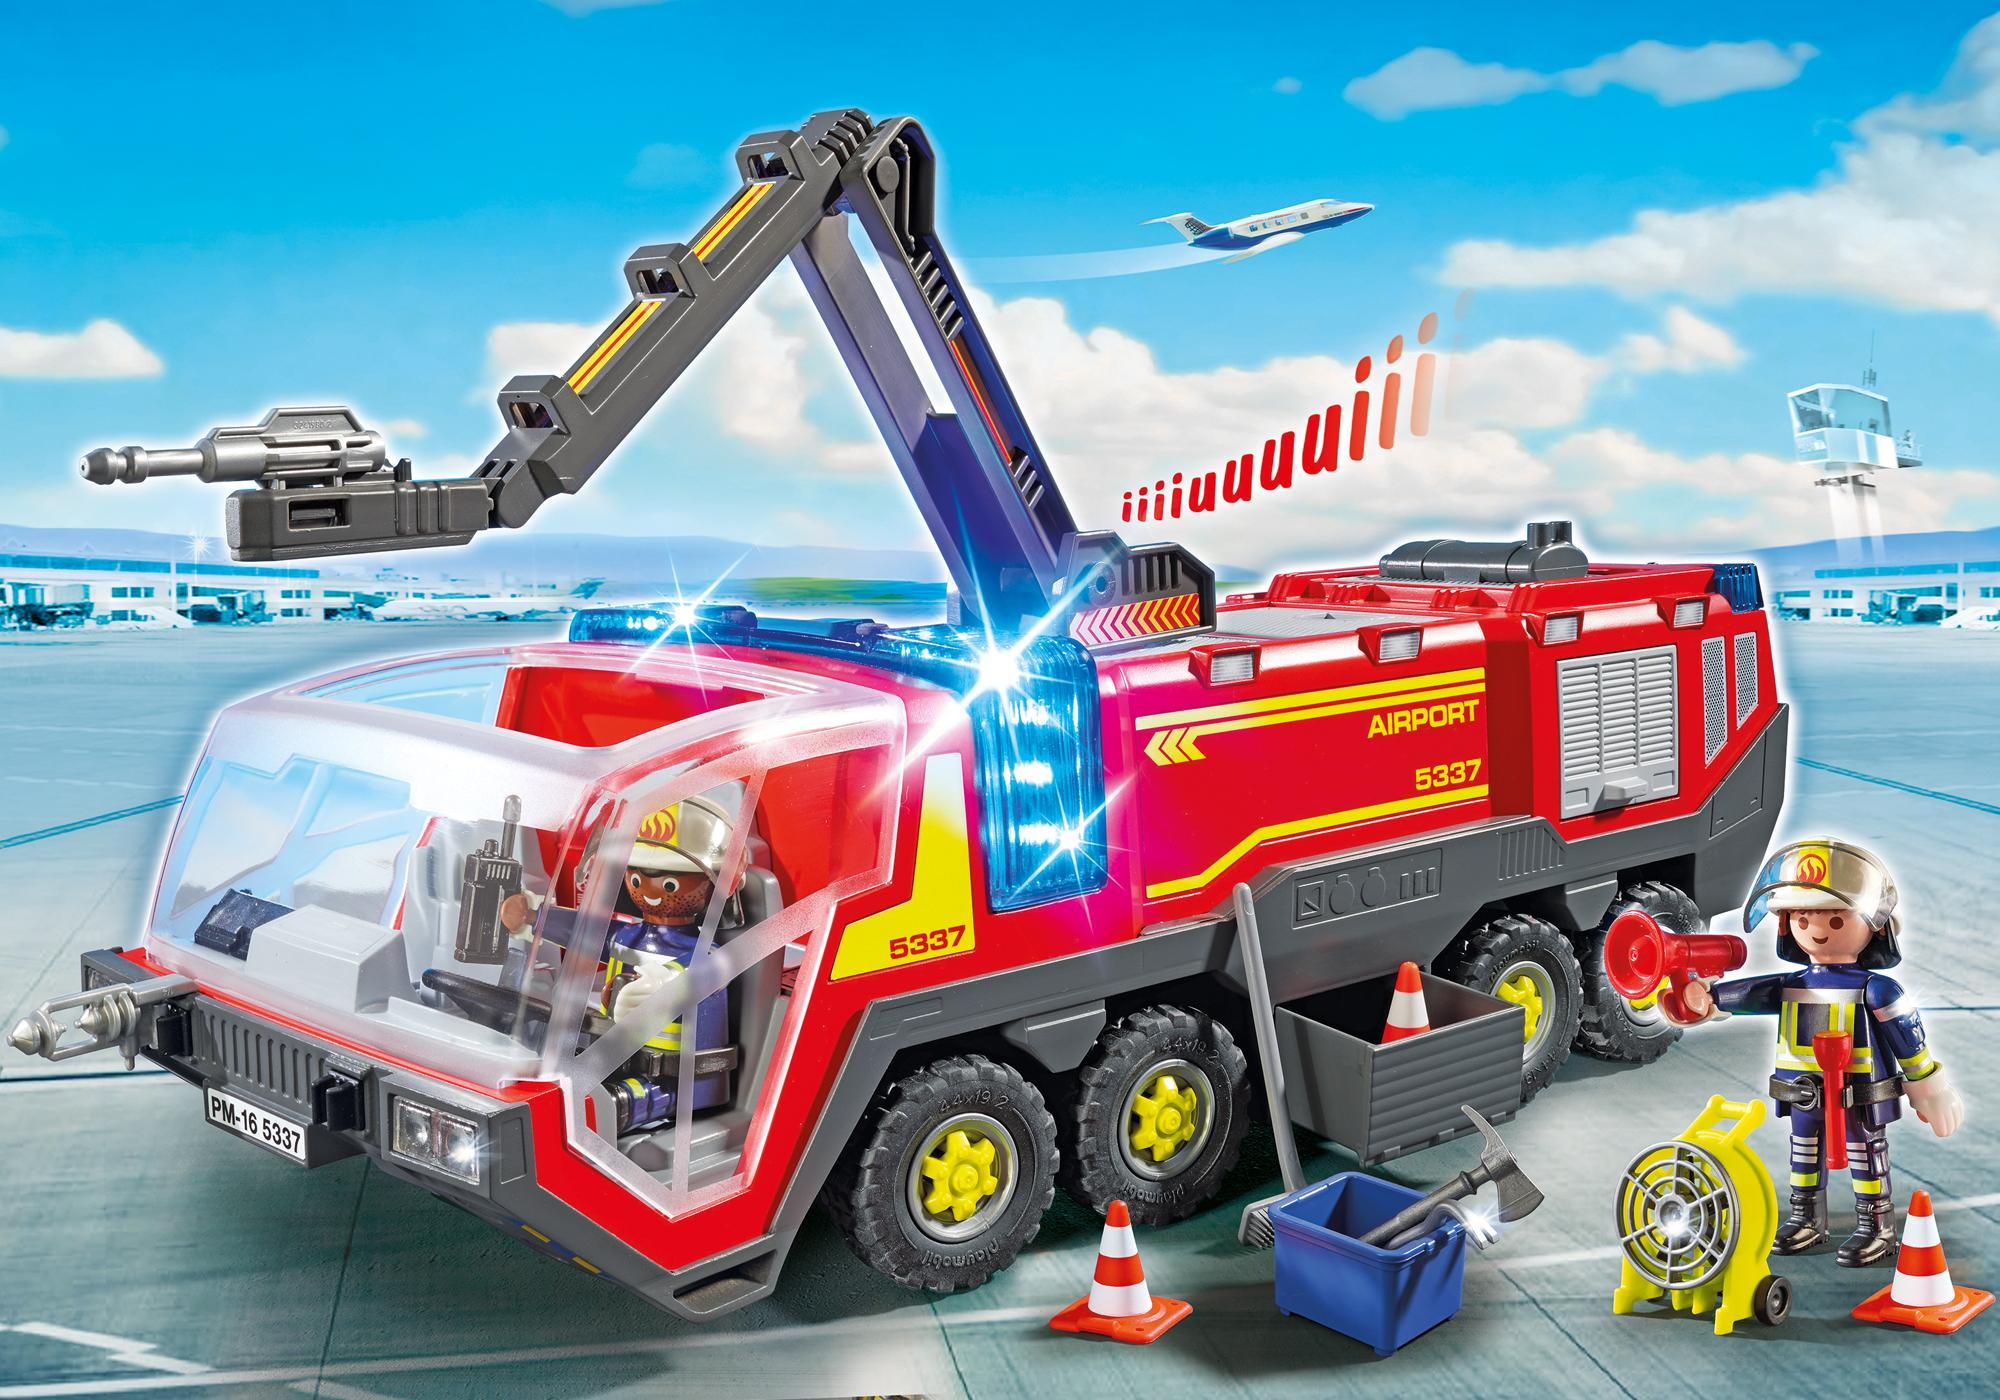 http://media.playmobil.com/i/playmobil/5337_product_detail/Lufthavnsbrandbil med lys og lyd